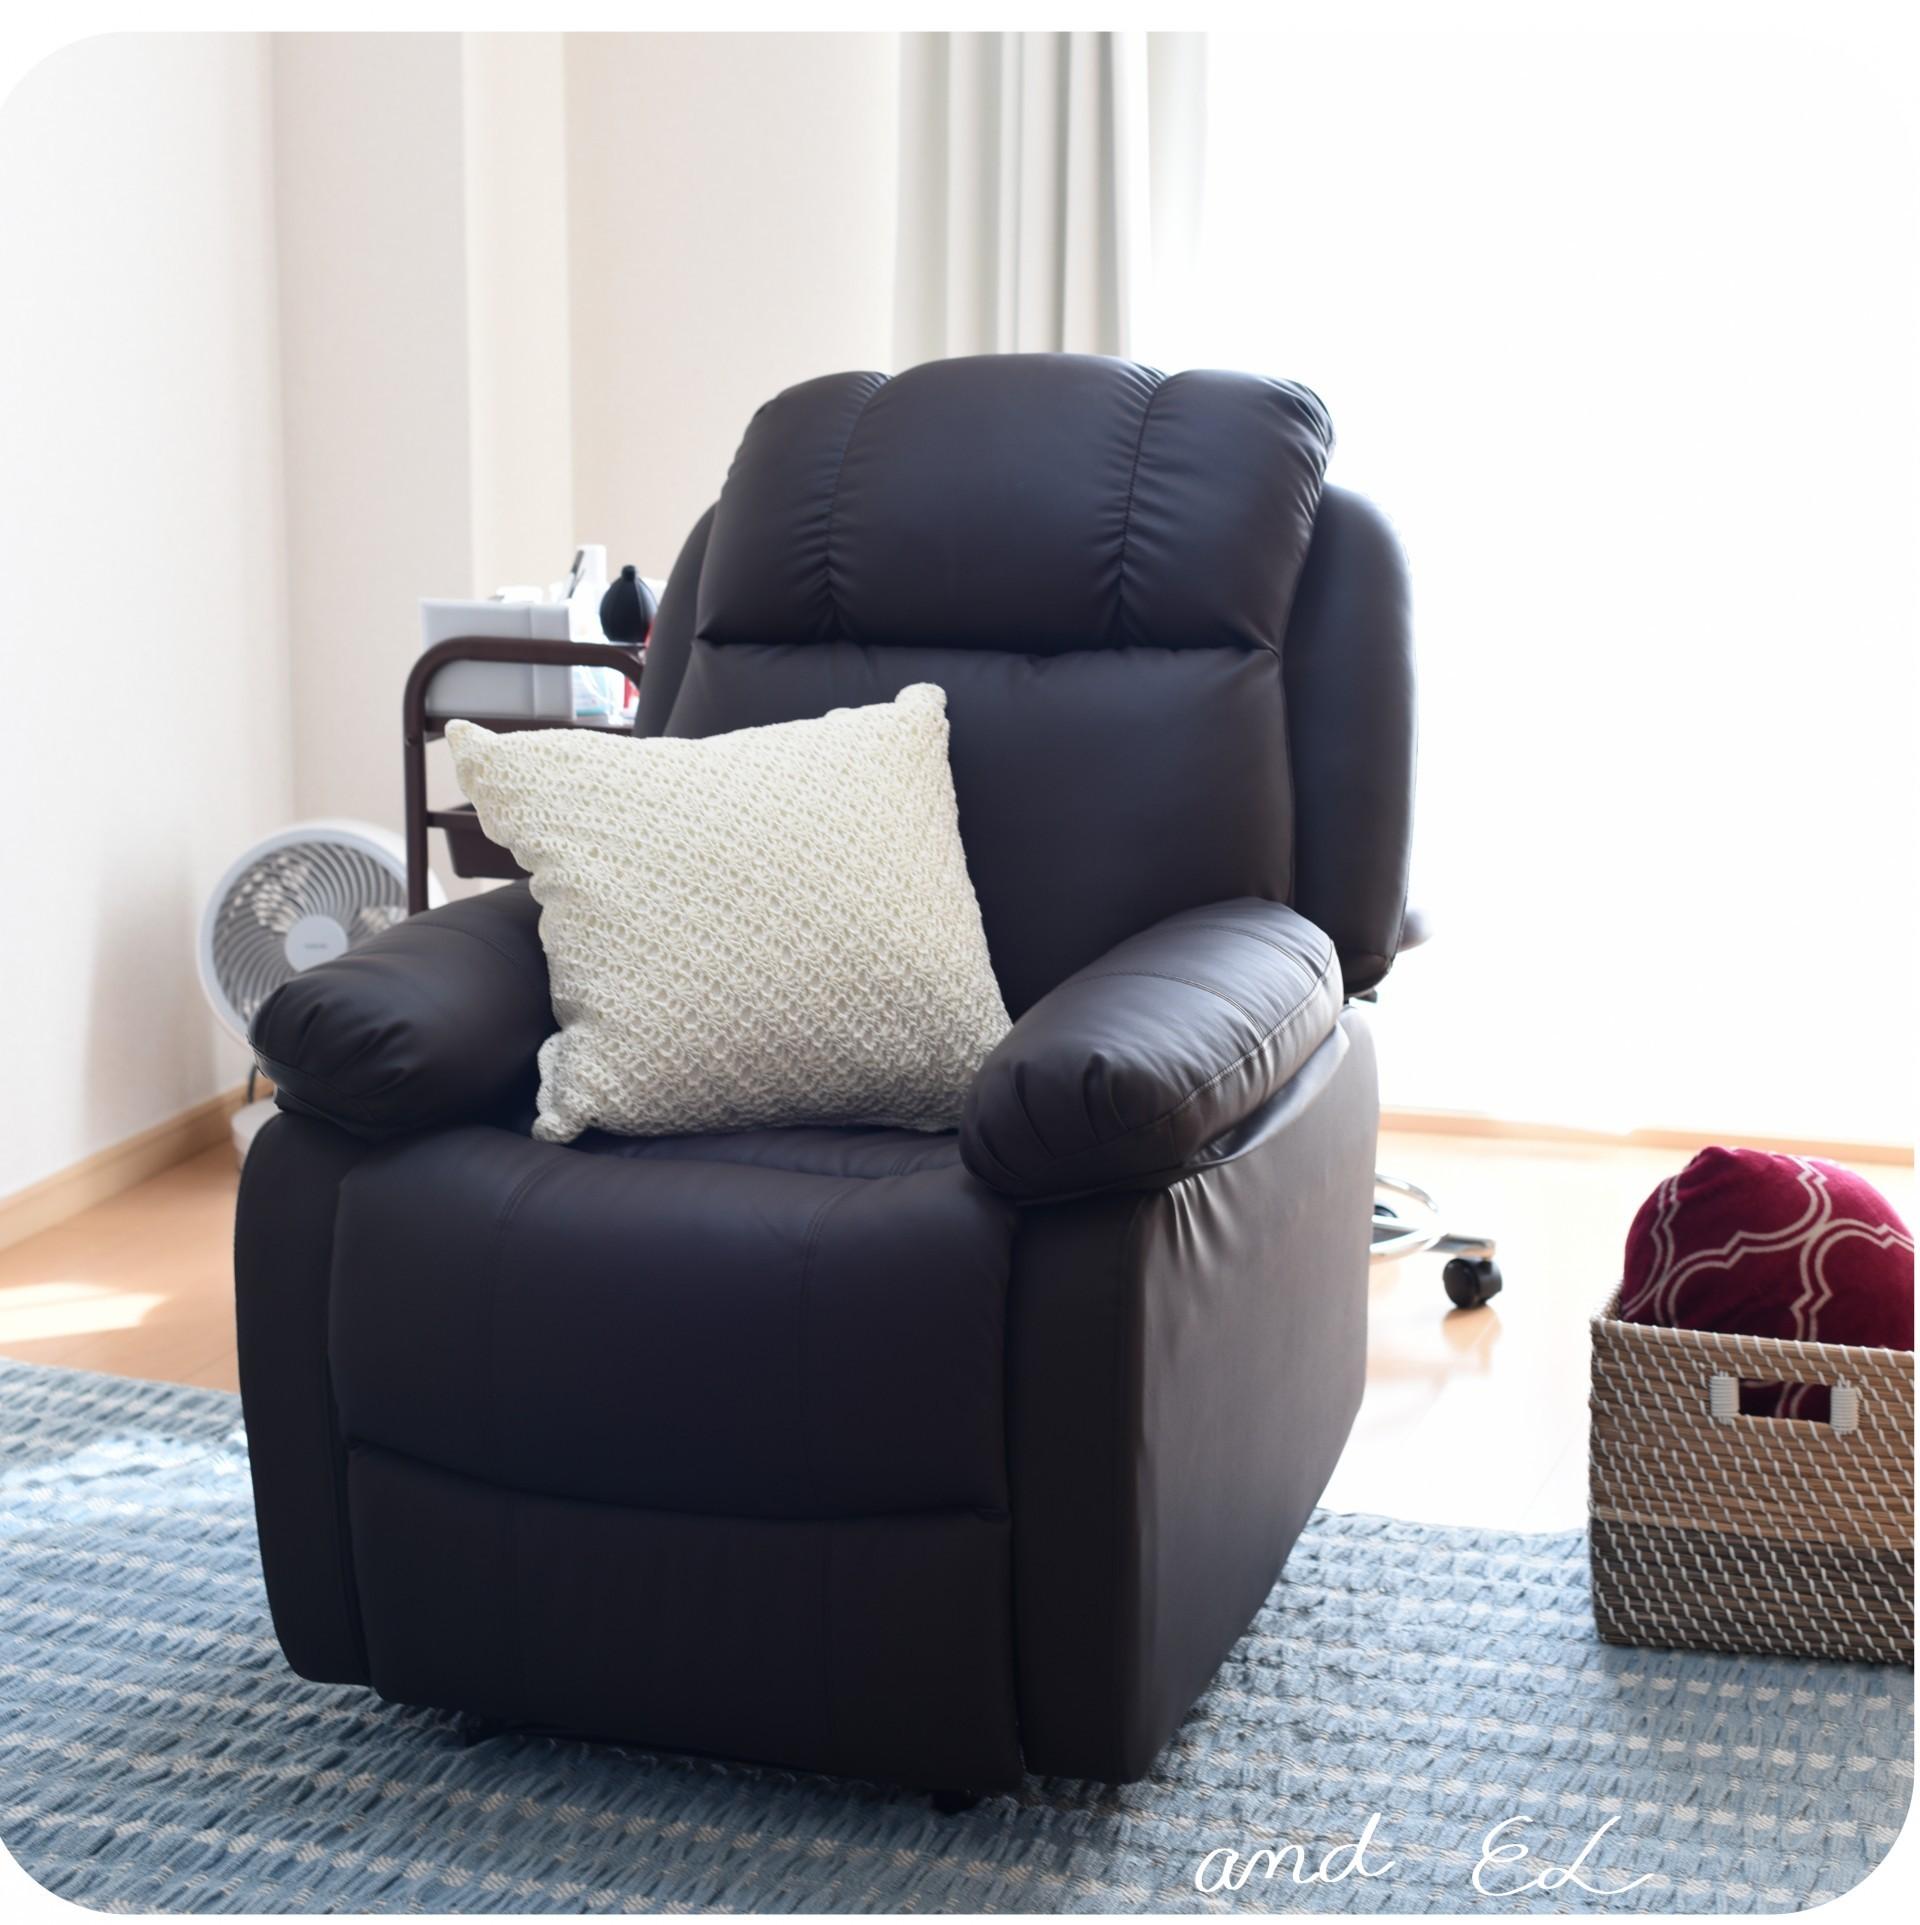 椅子文字入りDSC_5899